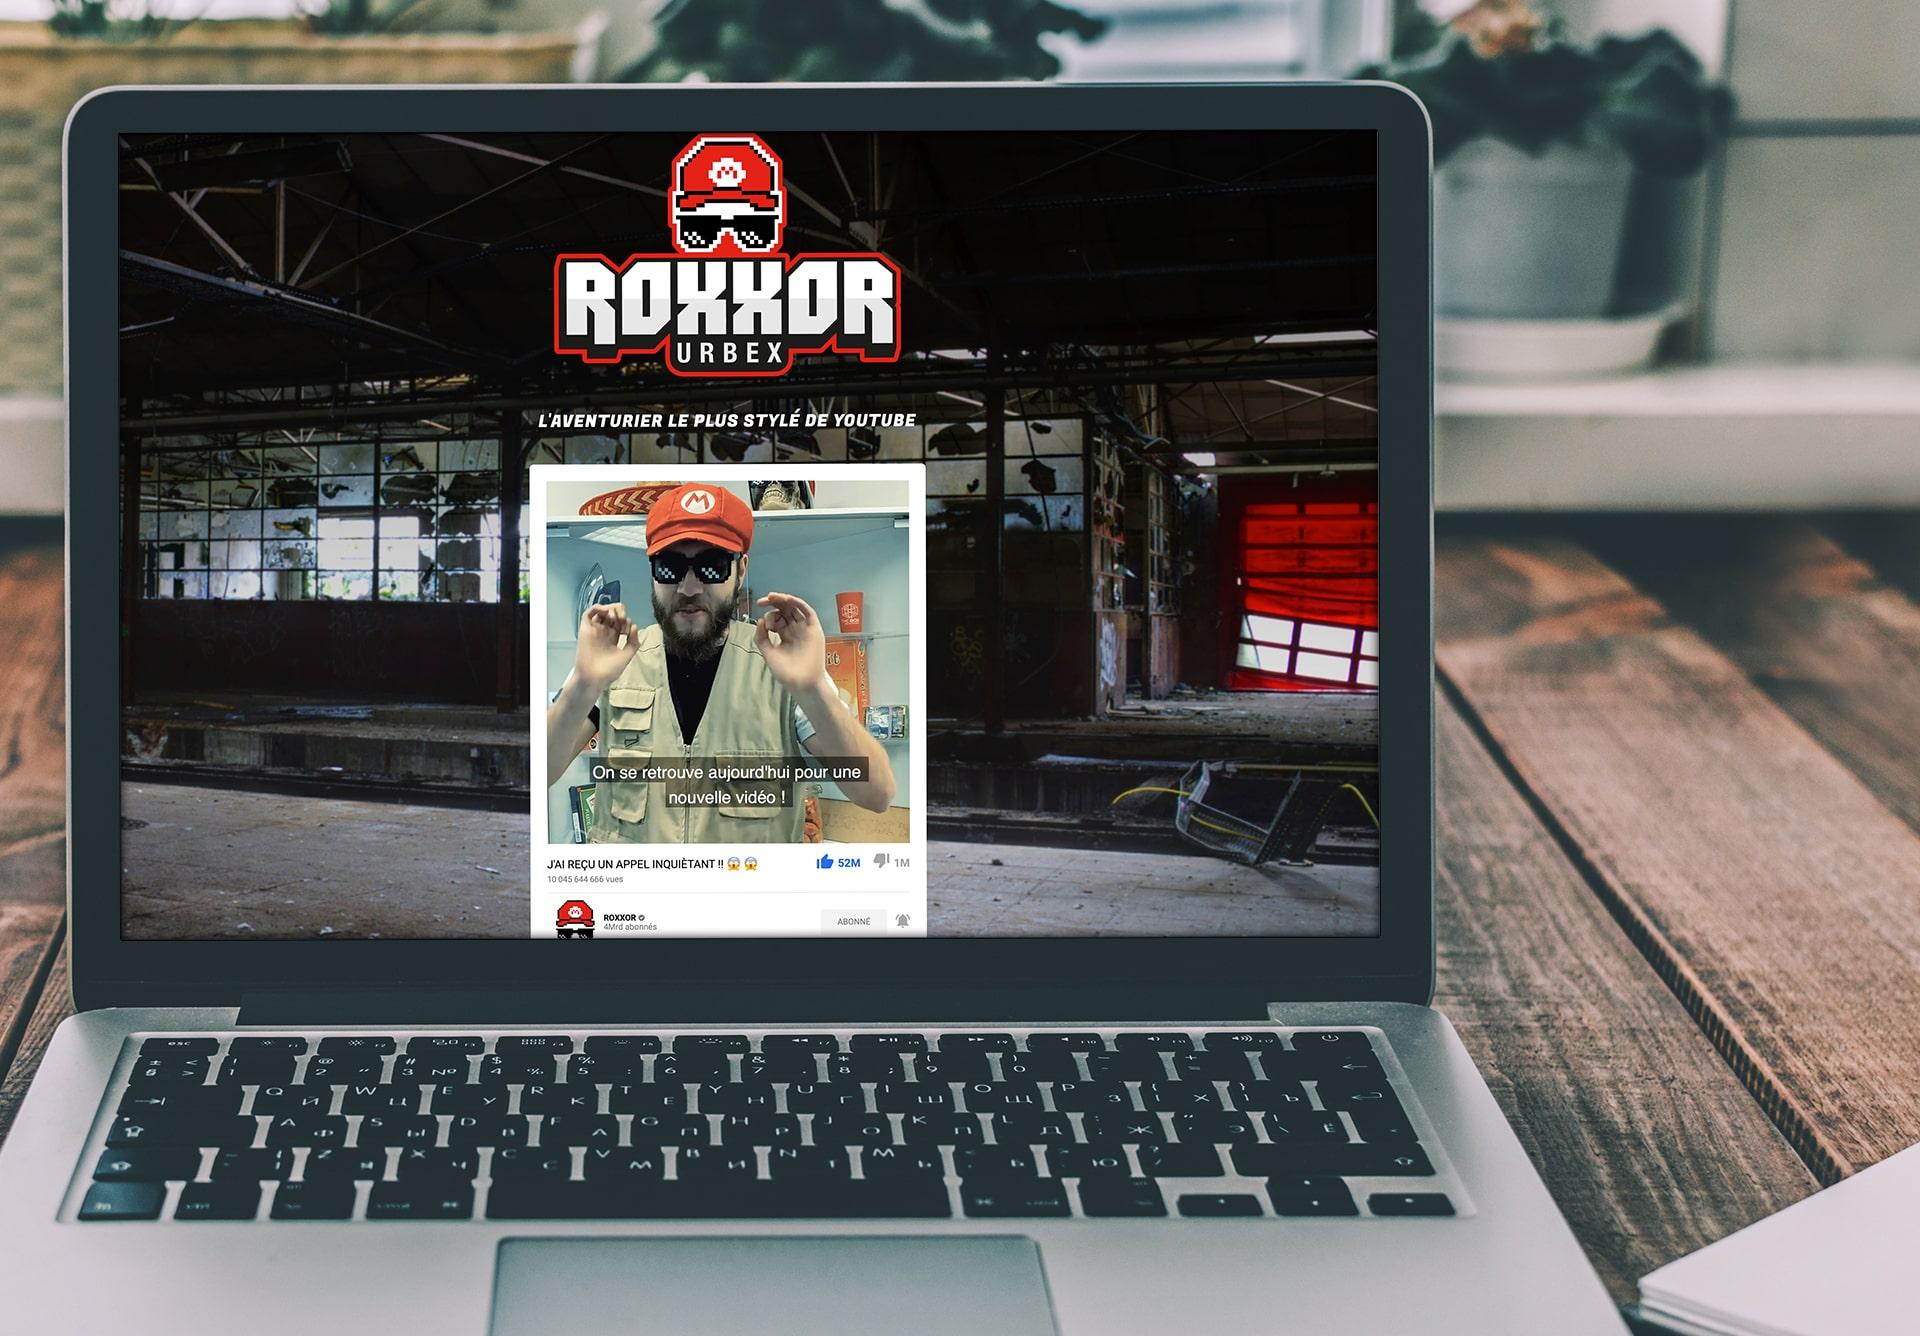 Webdesign de l'application Web d'Entrepôt 13 sur un ordinateur portable